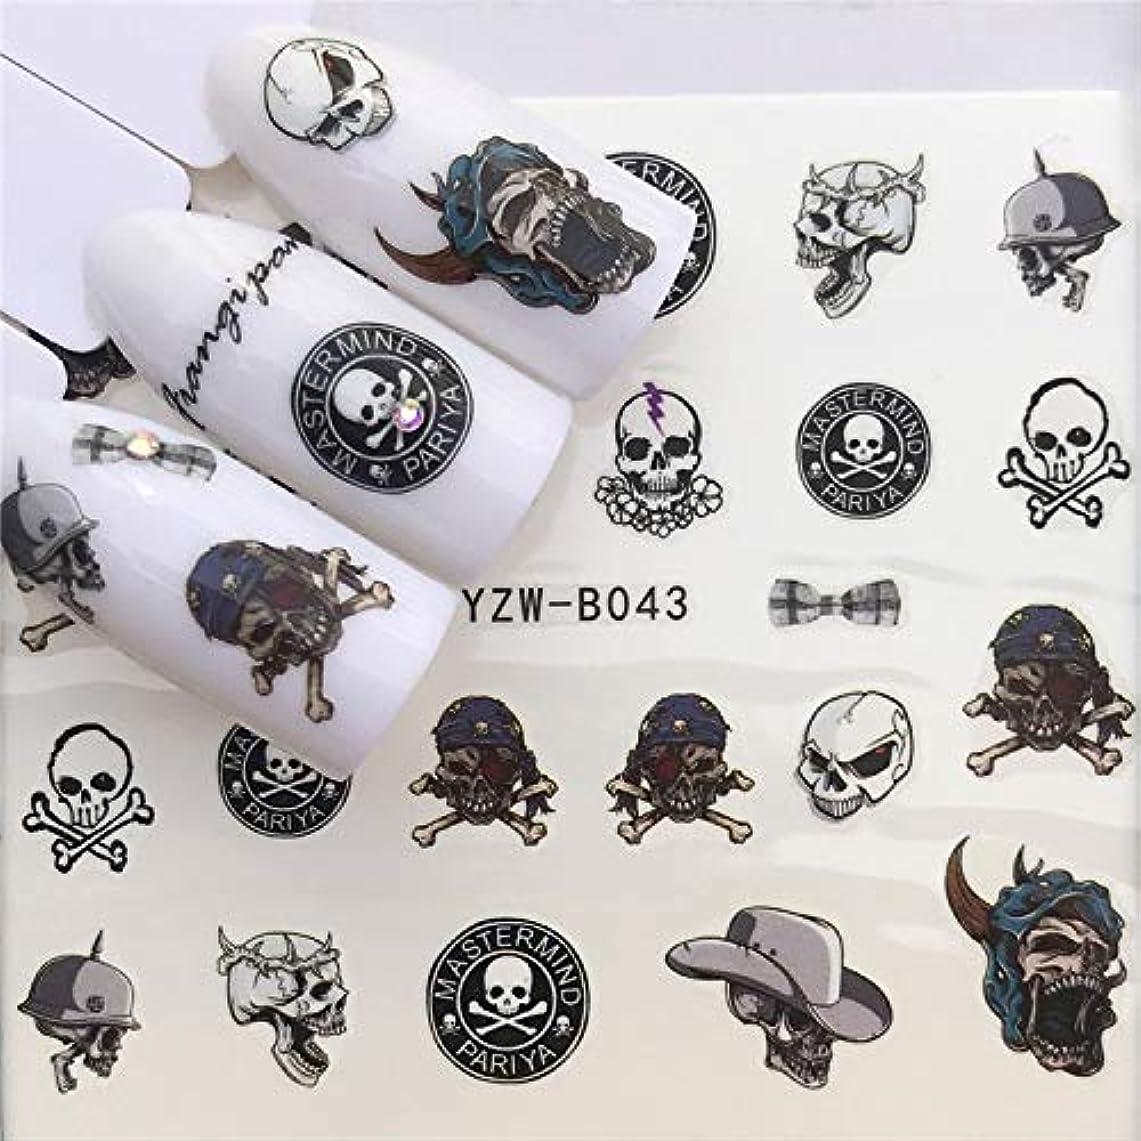 大工ピカソ療法手足ビューティーケア 3個ネイルステッカーセットデカール水転写スライダーネイルアートデコレーション、色:YZWB043